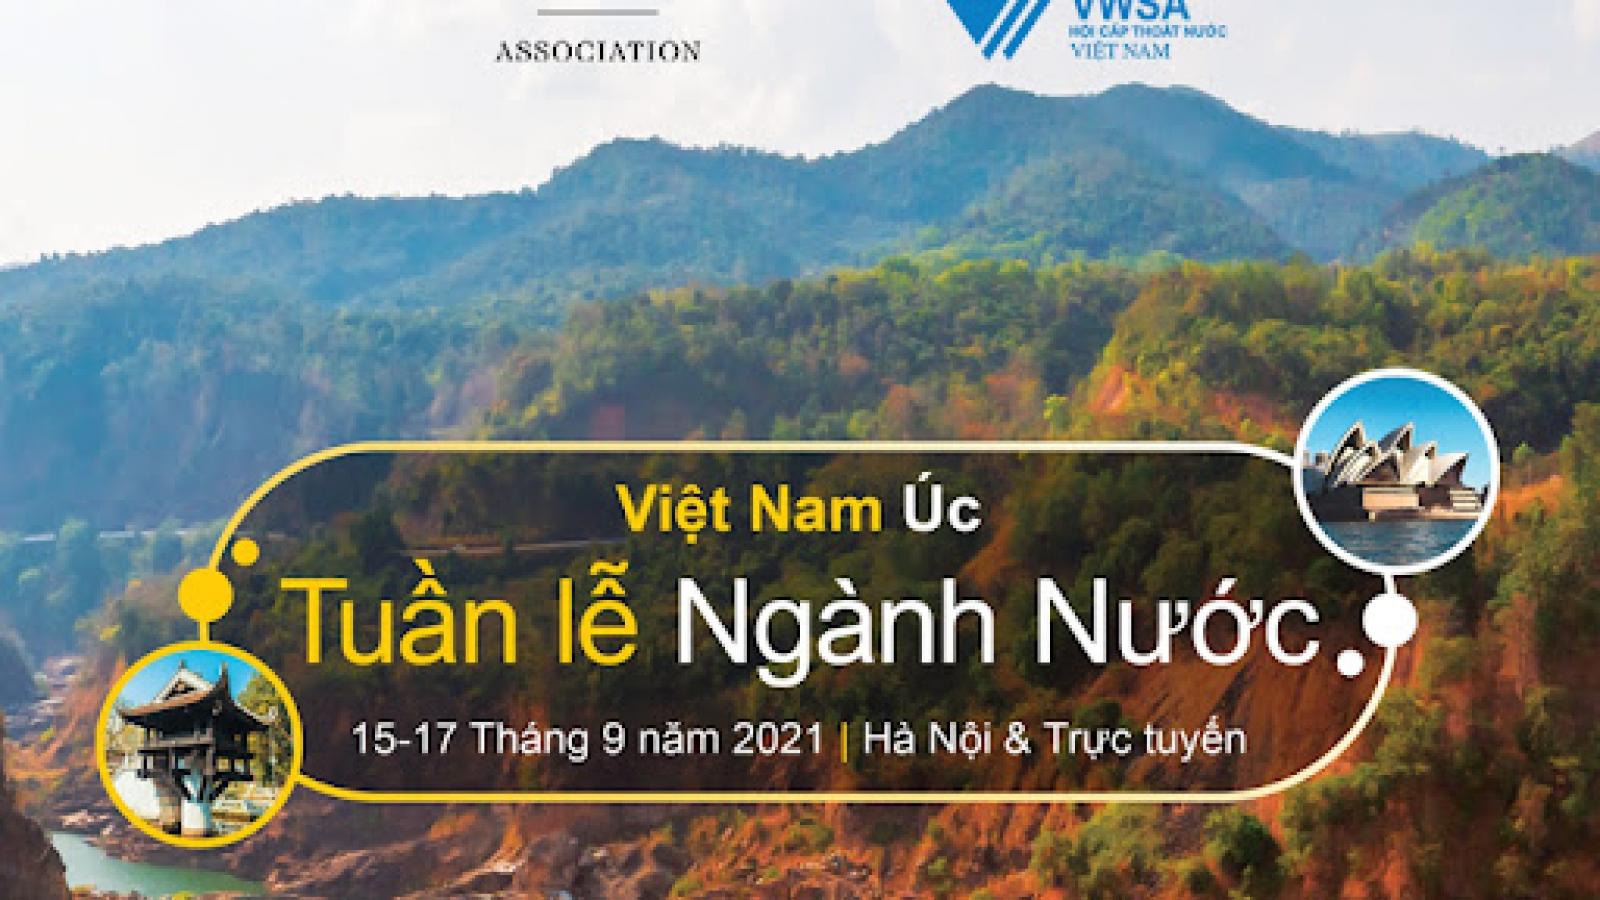 Ambassador underscores importance of water sector in Vietnam-Australia trade ties